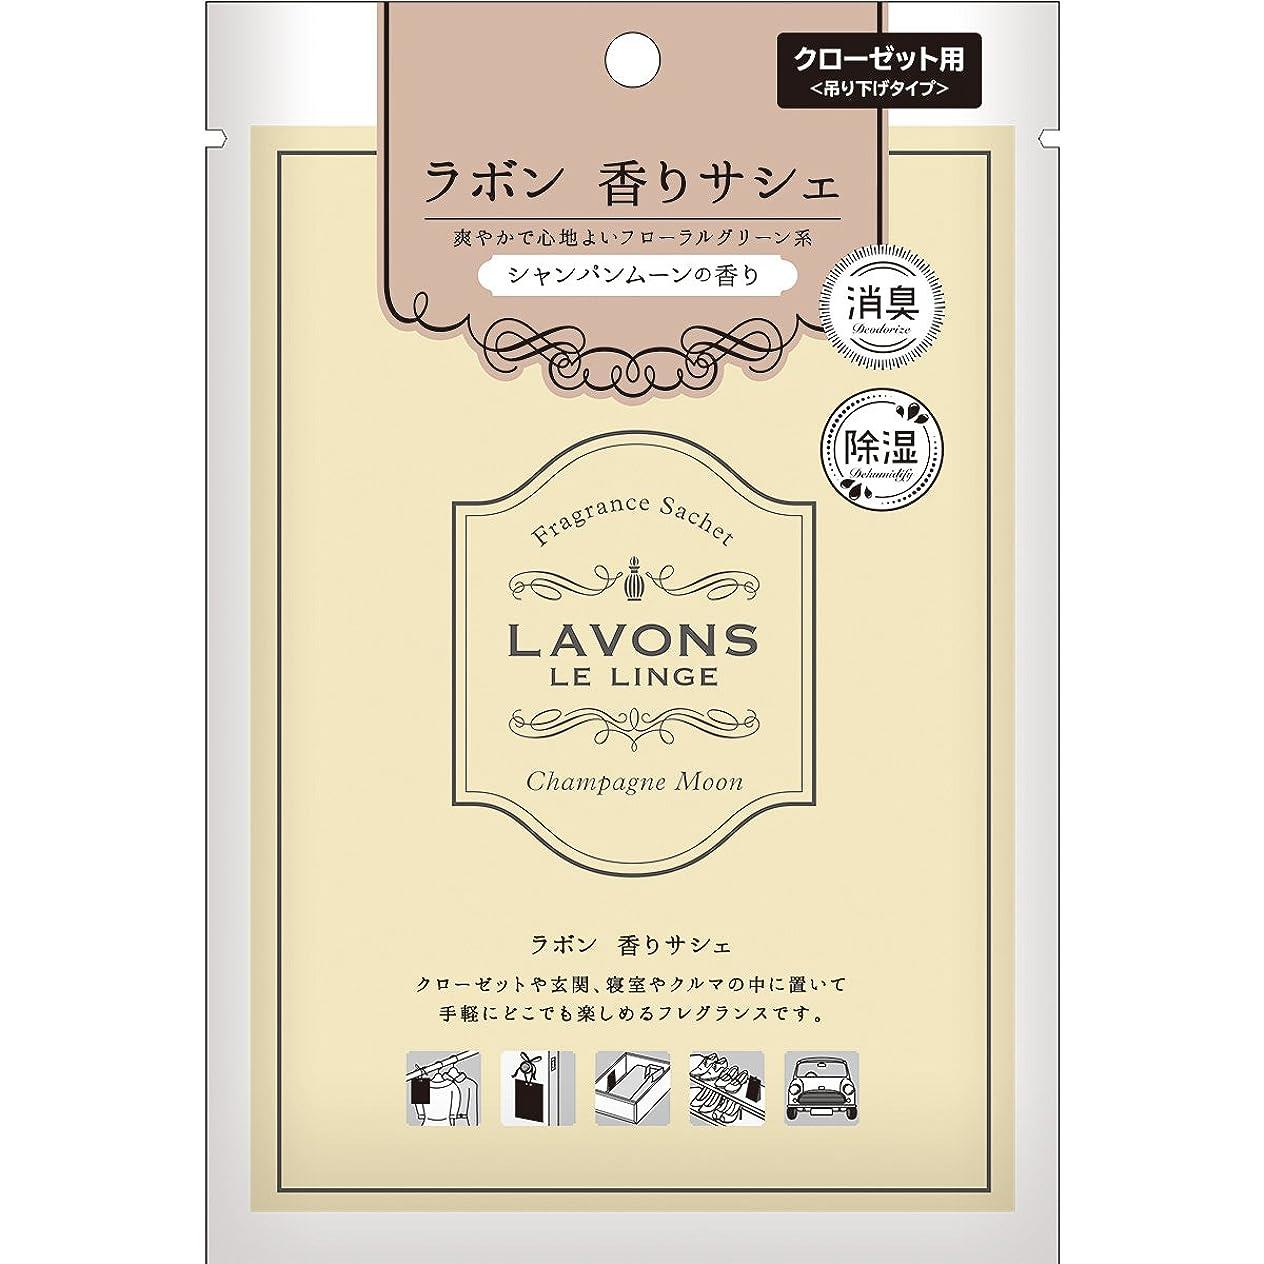 二十石化する生活ラボン 香りサシェ (香り袋) シャンパンムーン 20g